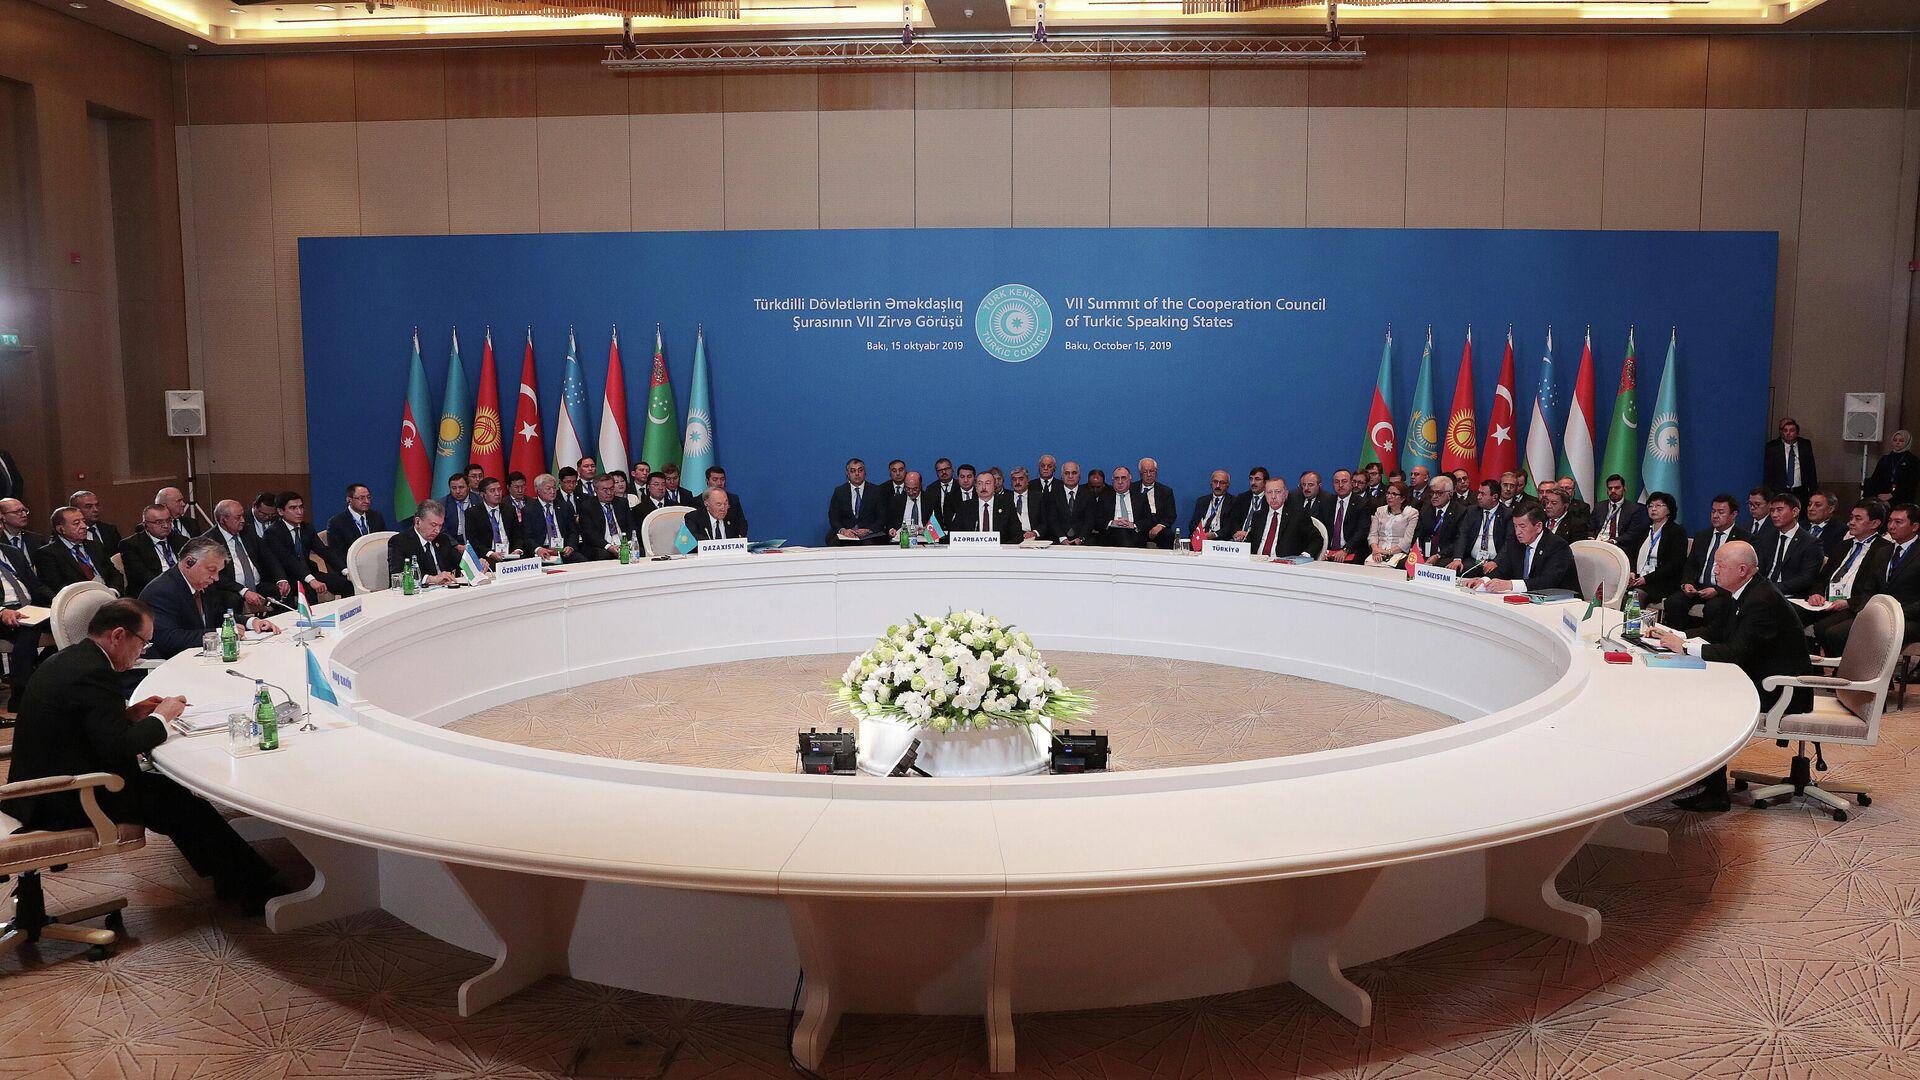 Una reunión de los líderes del Consejo de Cooperación de los Estados de Habla Túrquica el octubre de 2019 - Sputnik Mundo, 1920, 02.04.2021